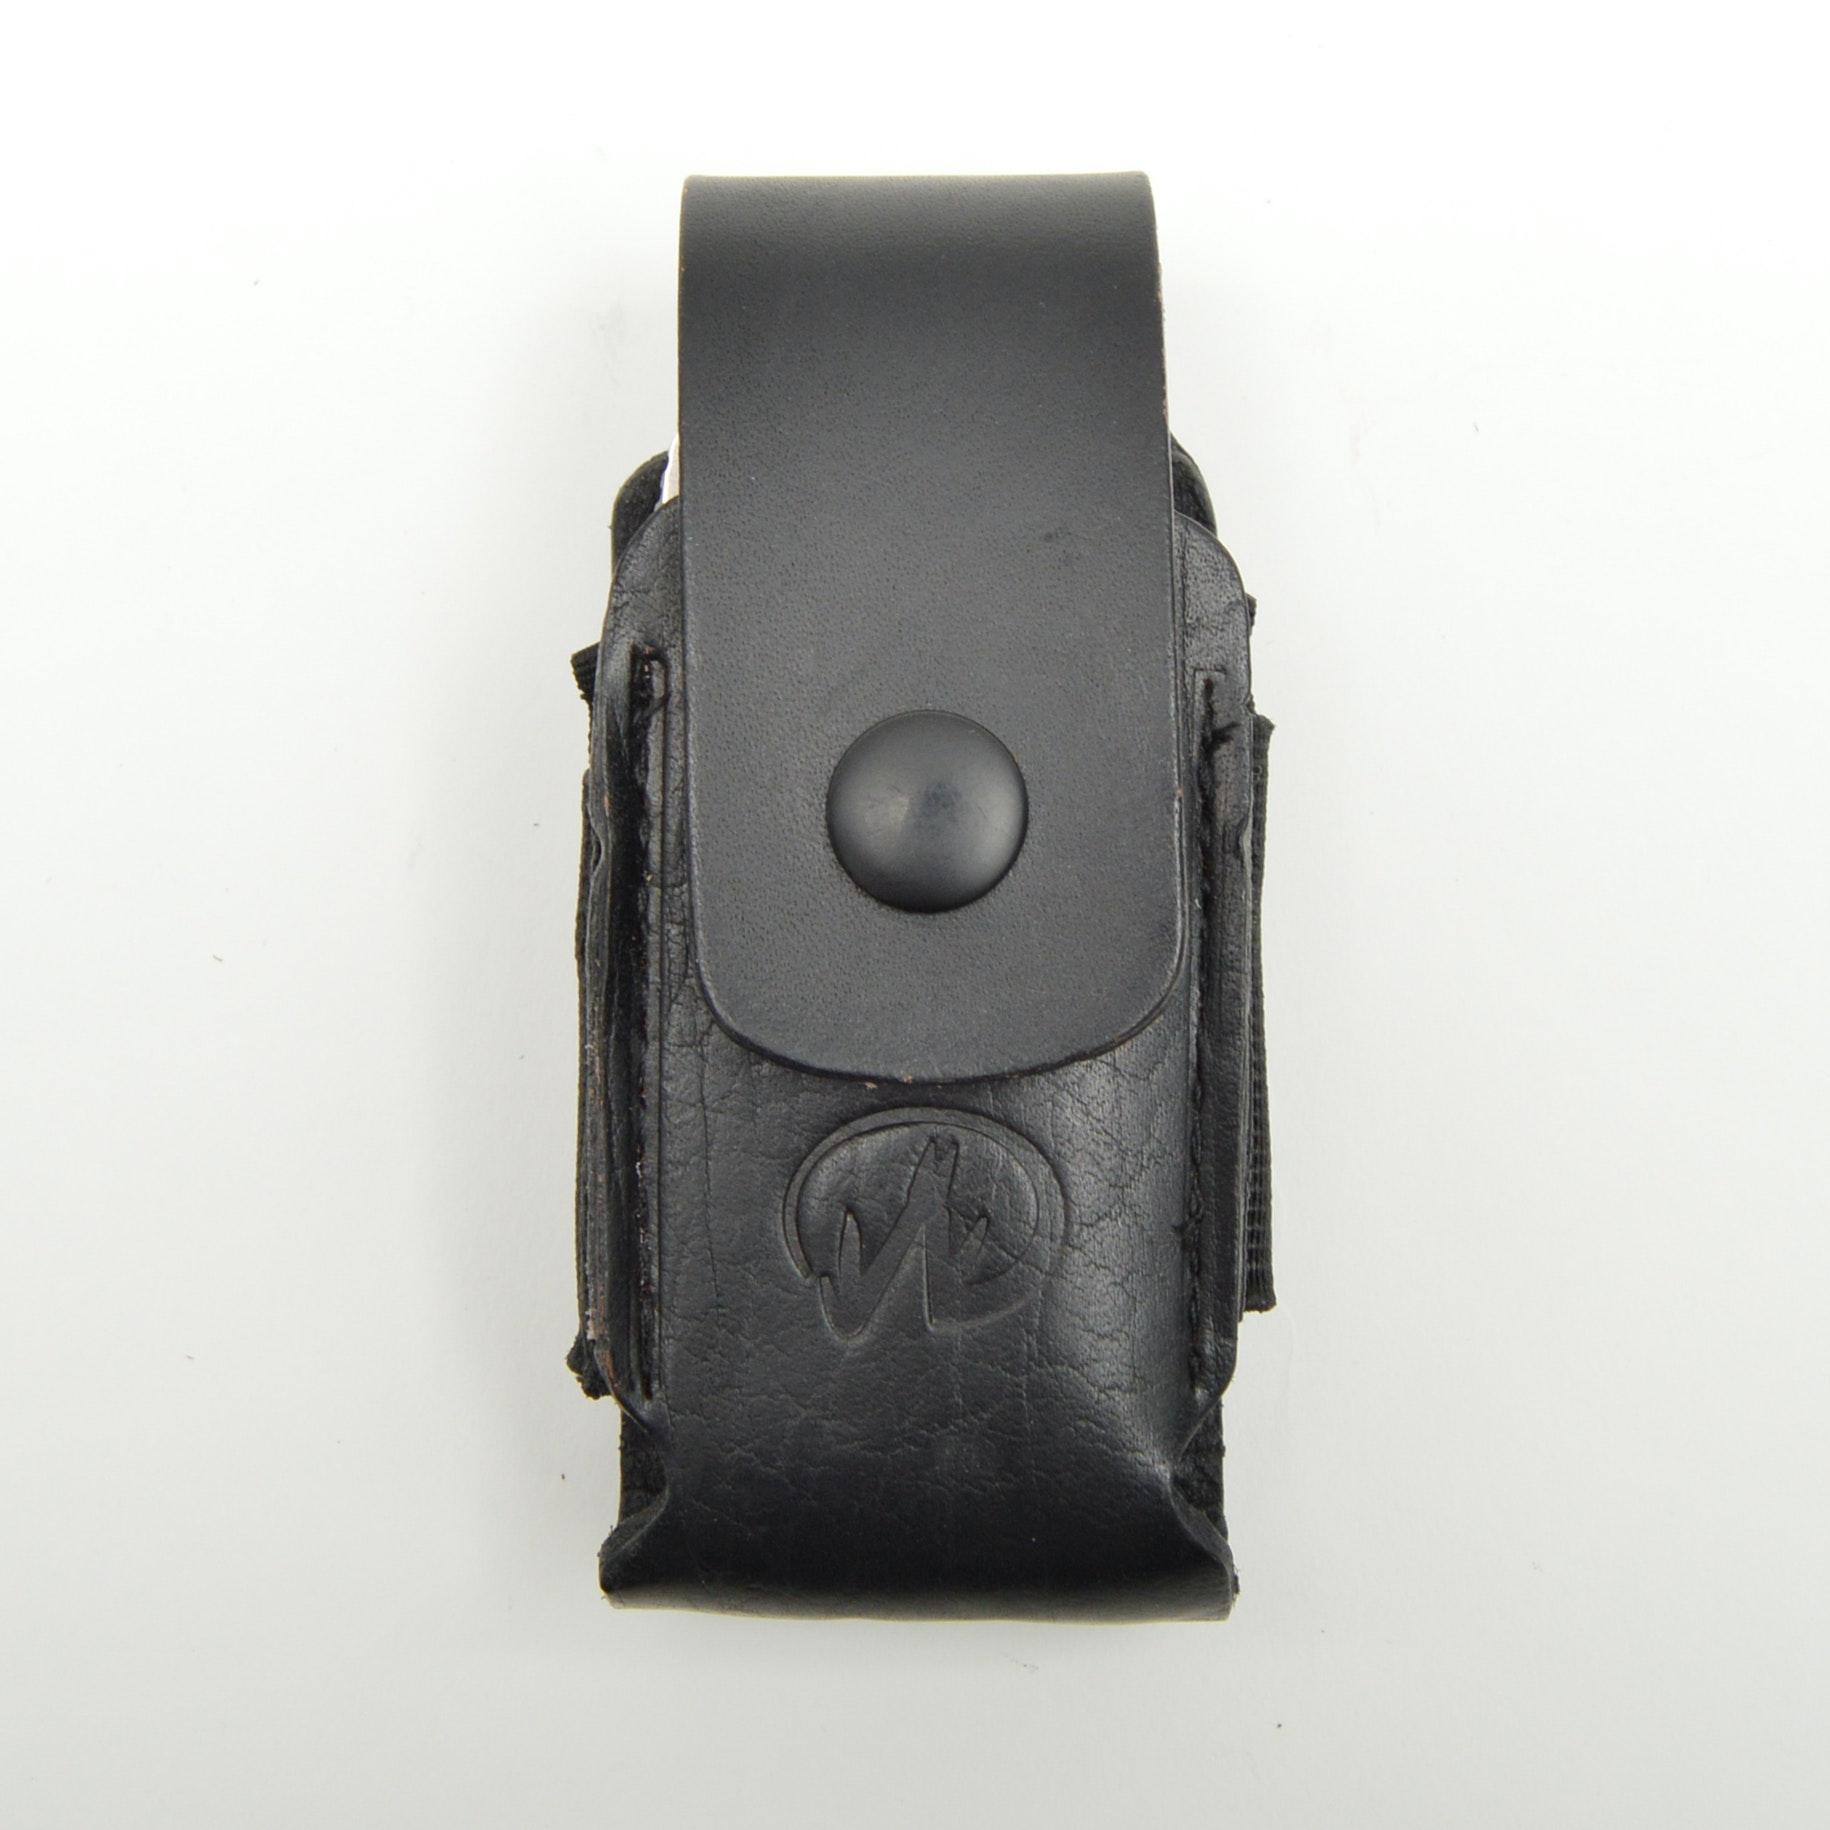 Leatherman Charge Titanium Multi Tool